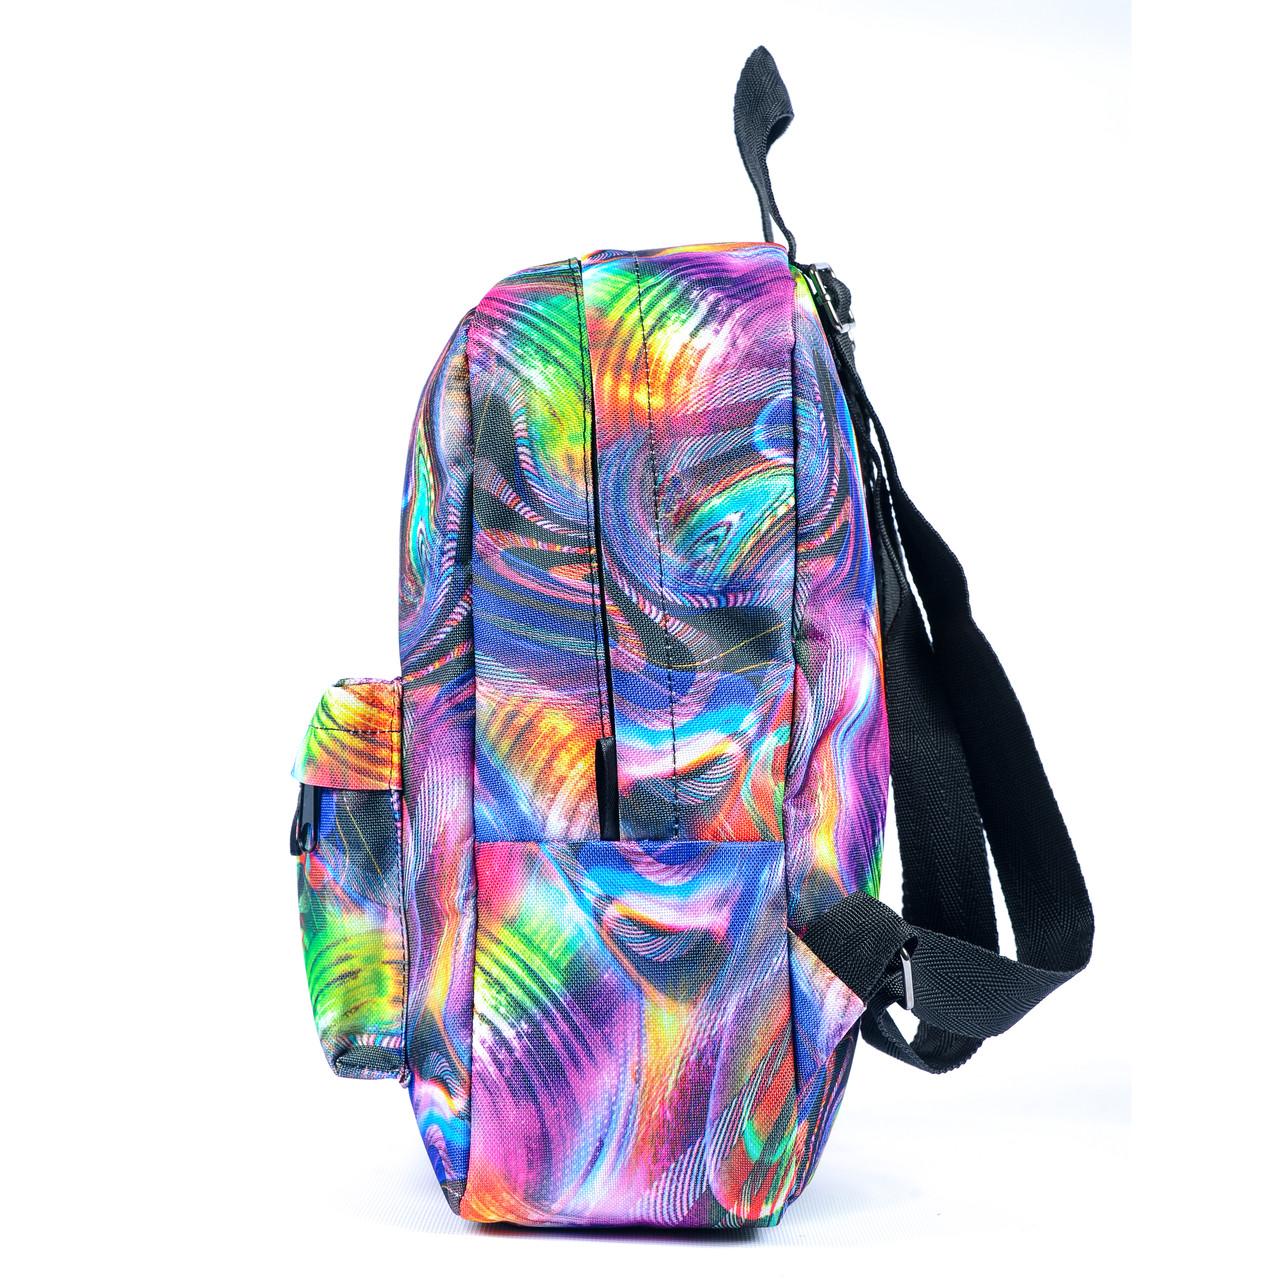 Рюкзак Mayers молодежный с принтом Разноцветные разводы, 7.5 л, фото 5